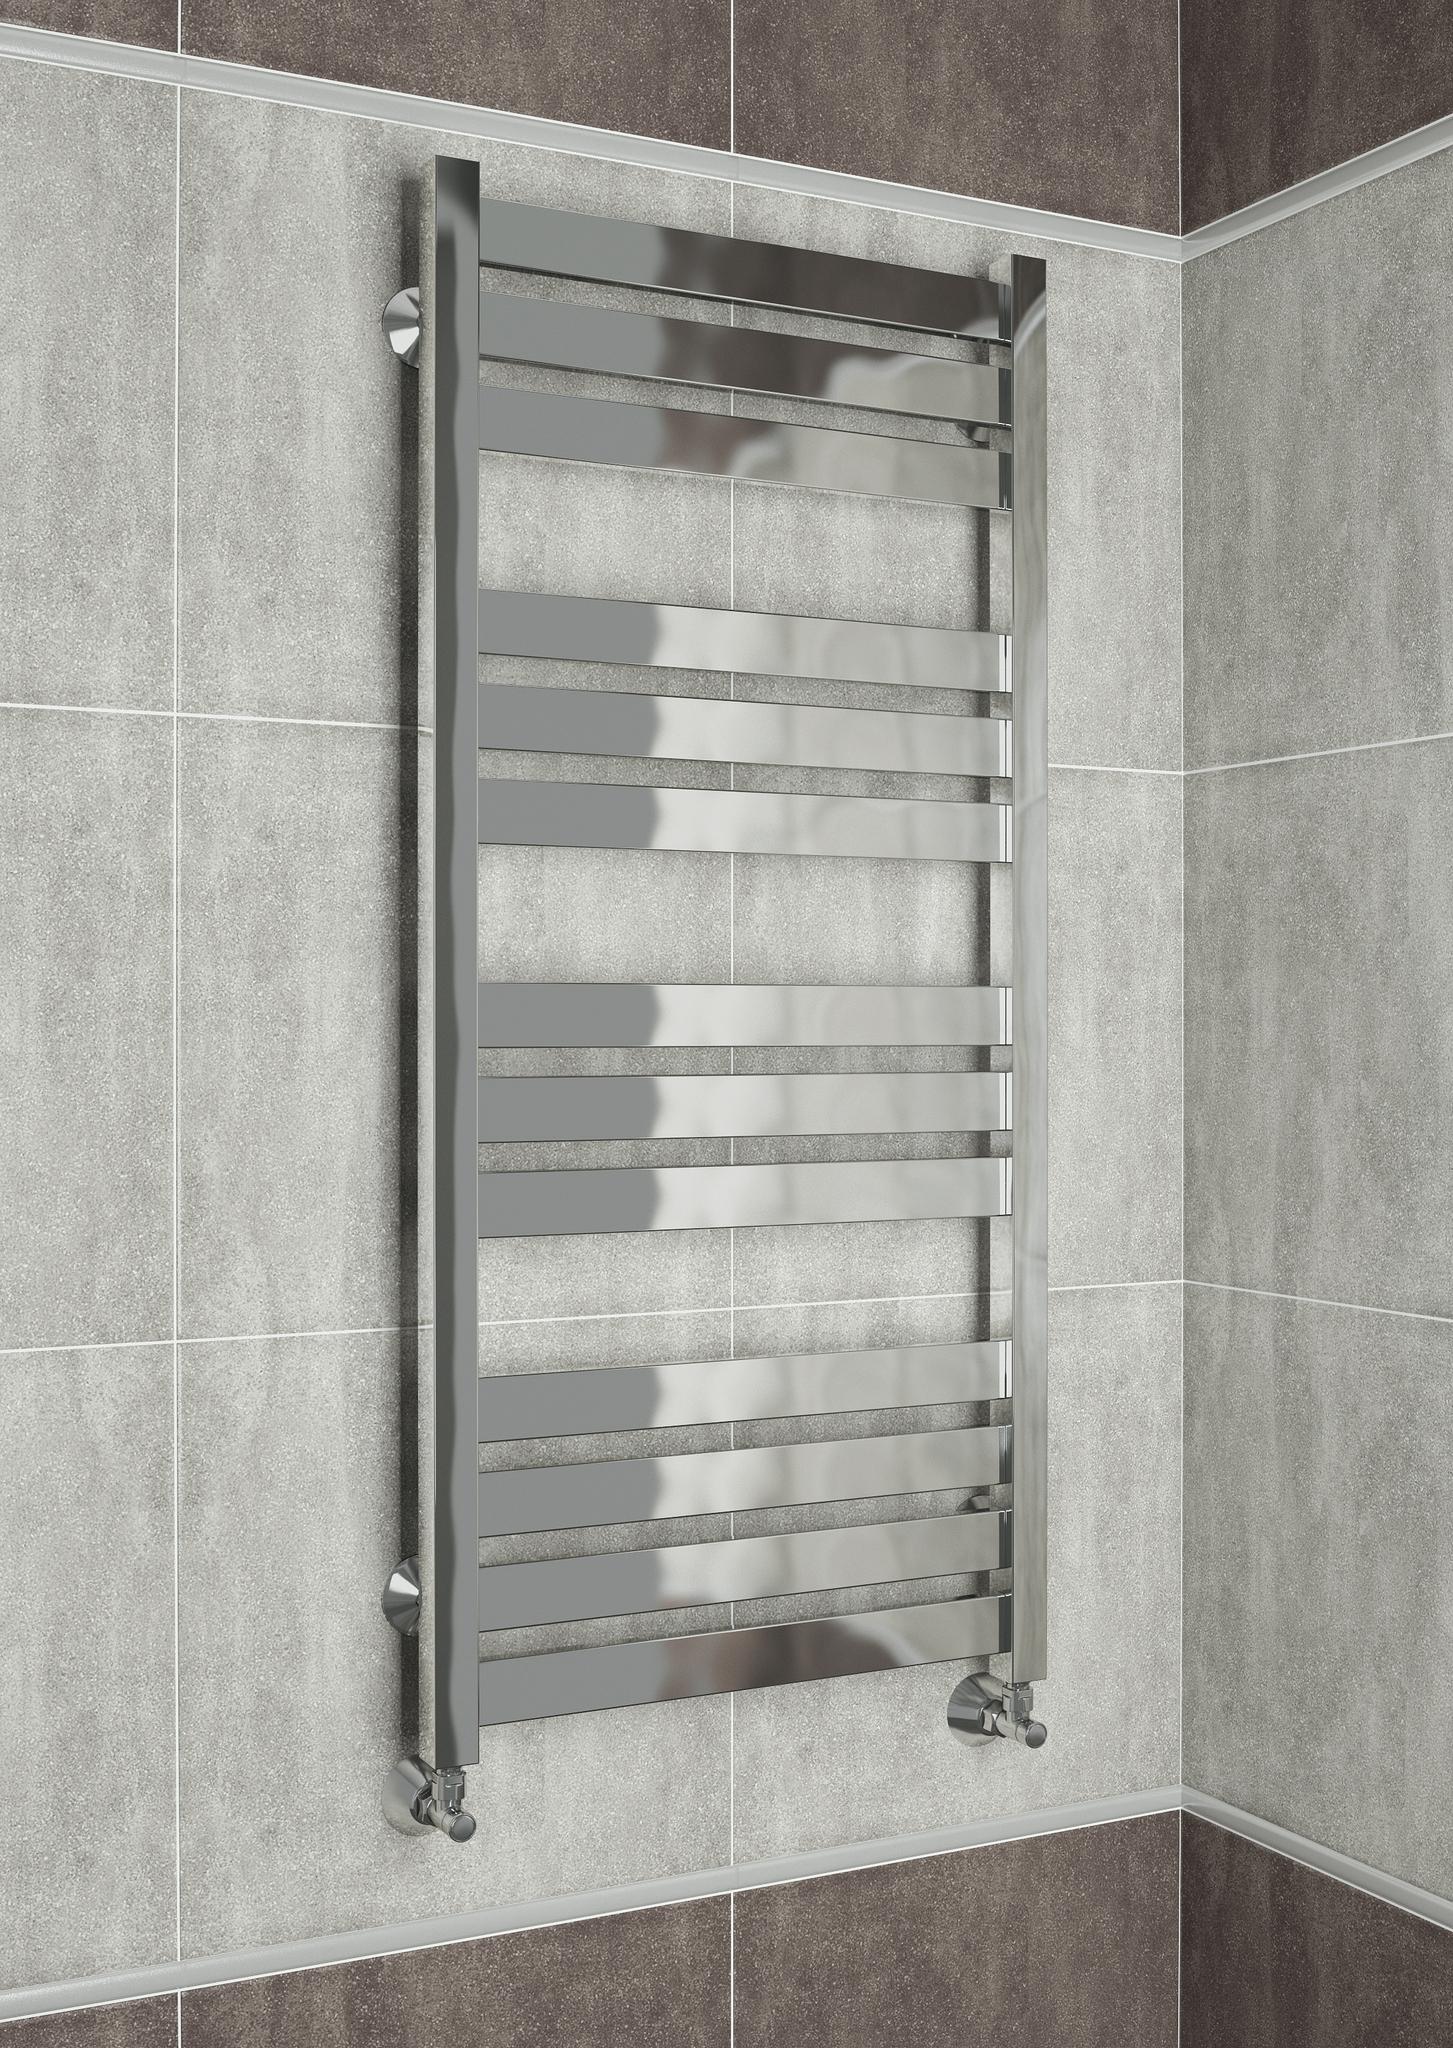 Latte  - водяной дизайн полотенцесушитель с квадратными вертикалями.